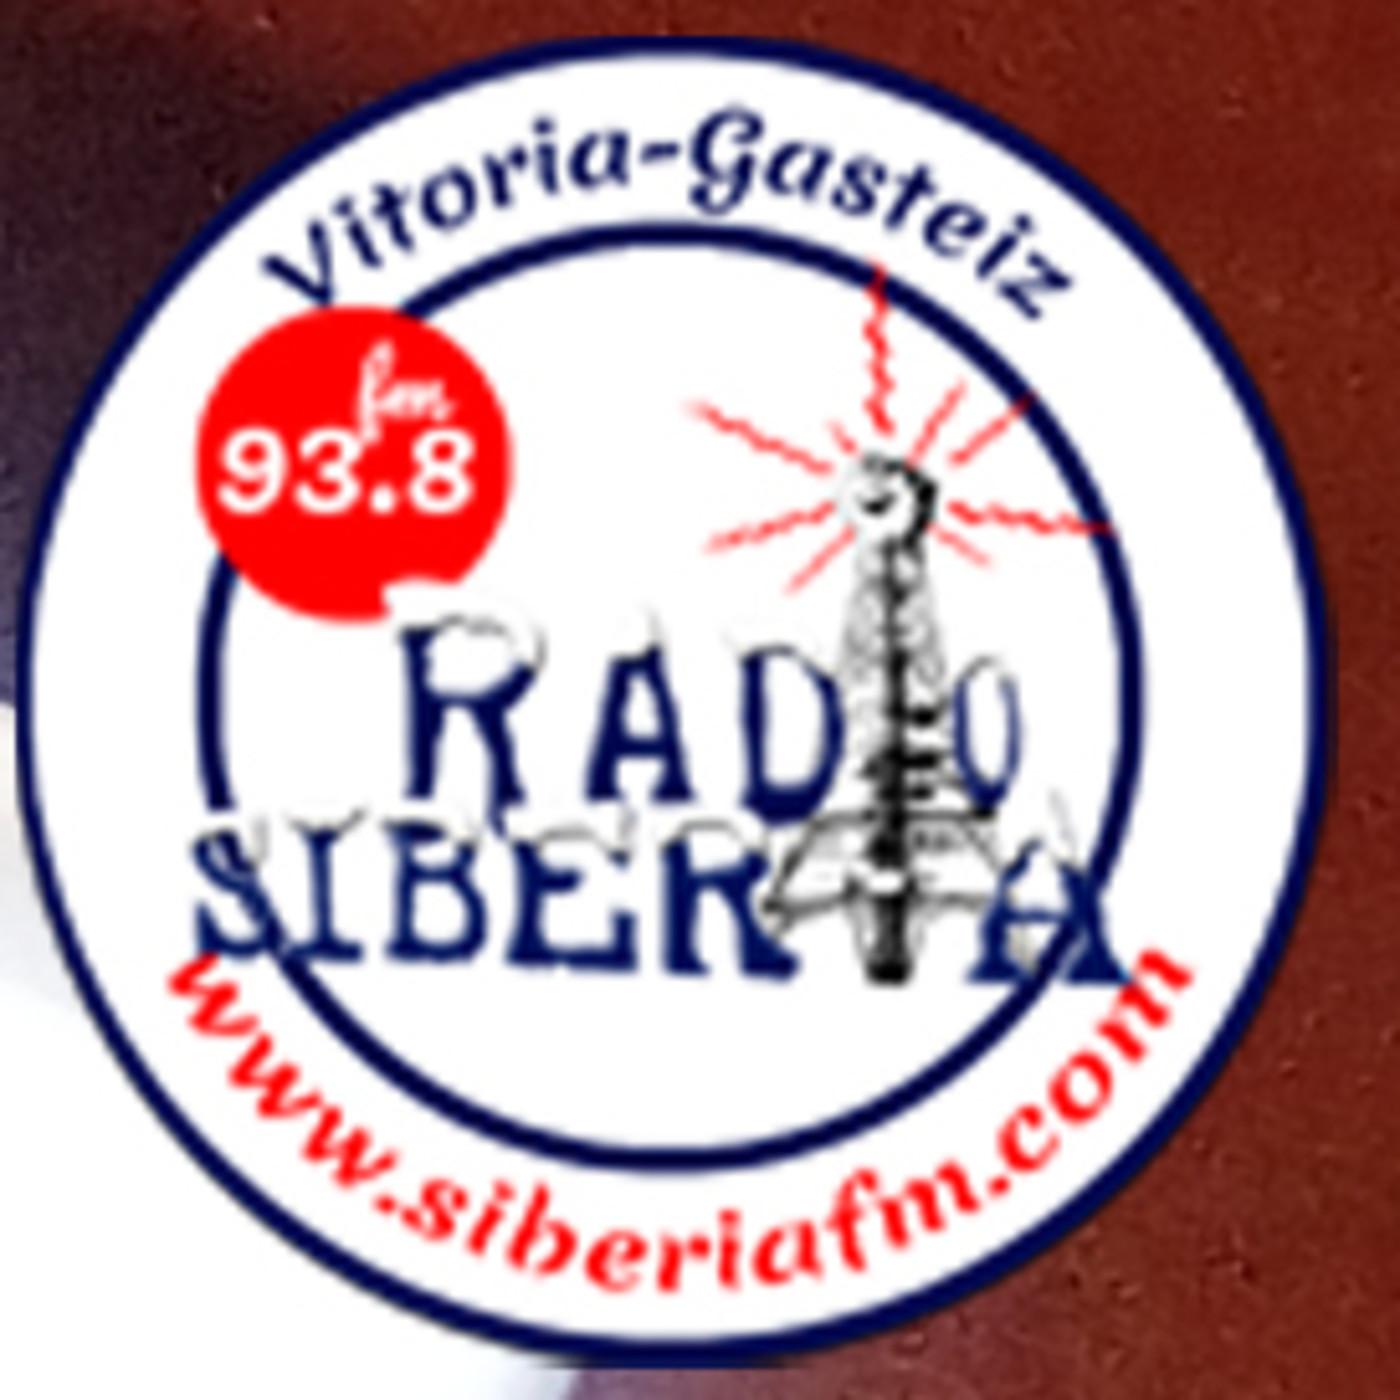 Siberia 93.8 Gasteiz